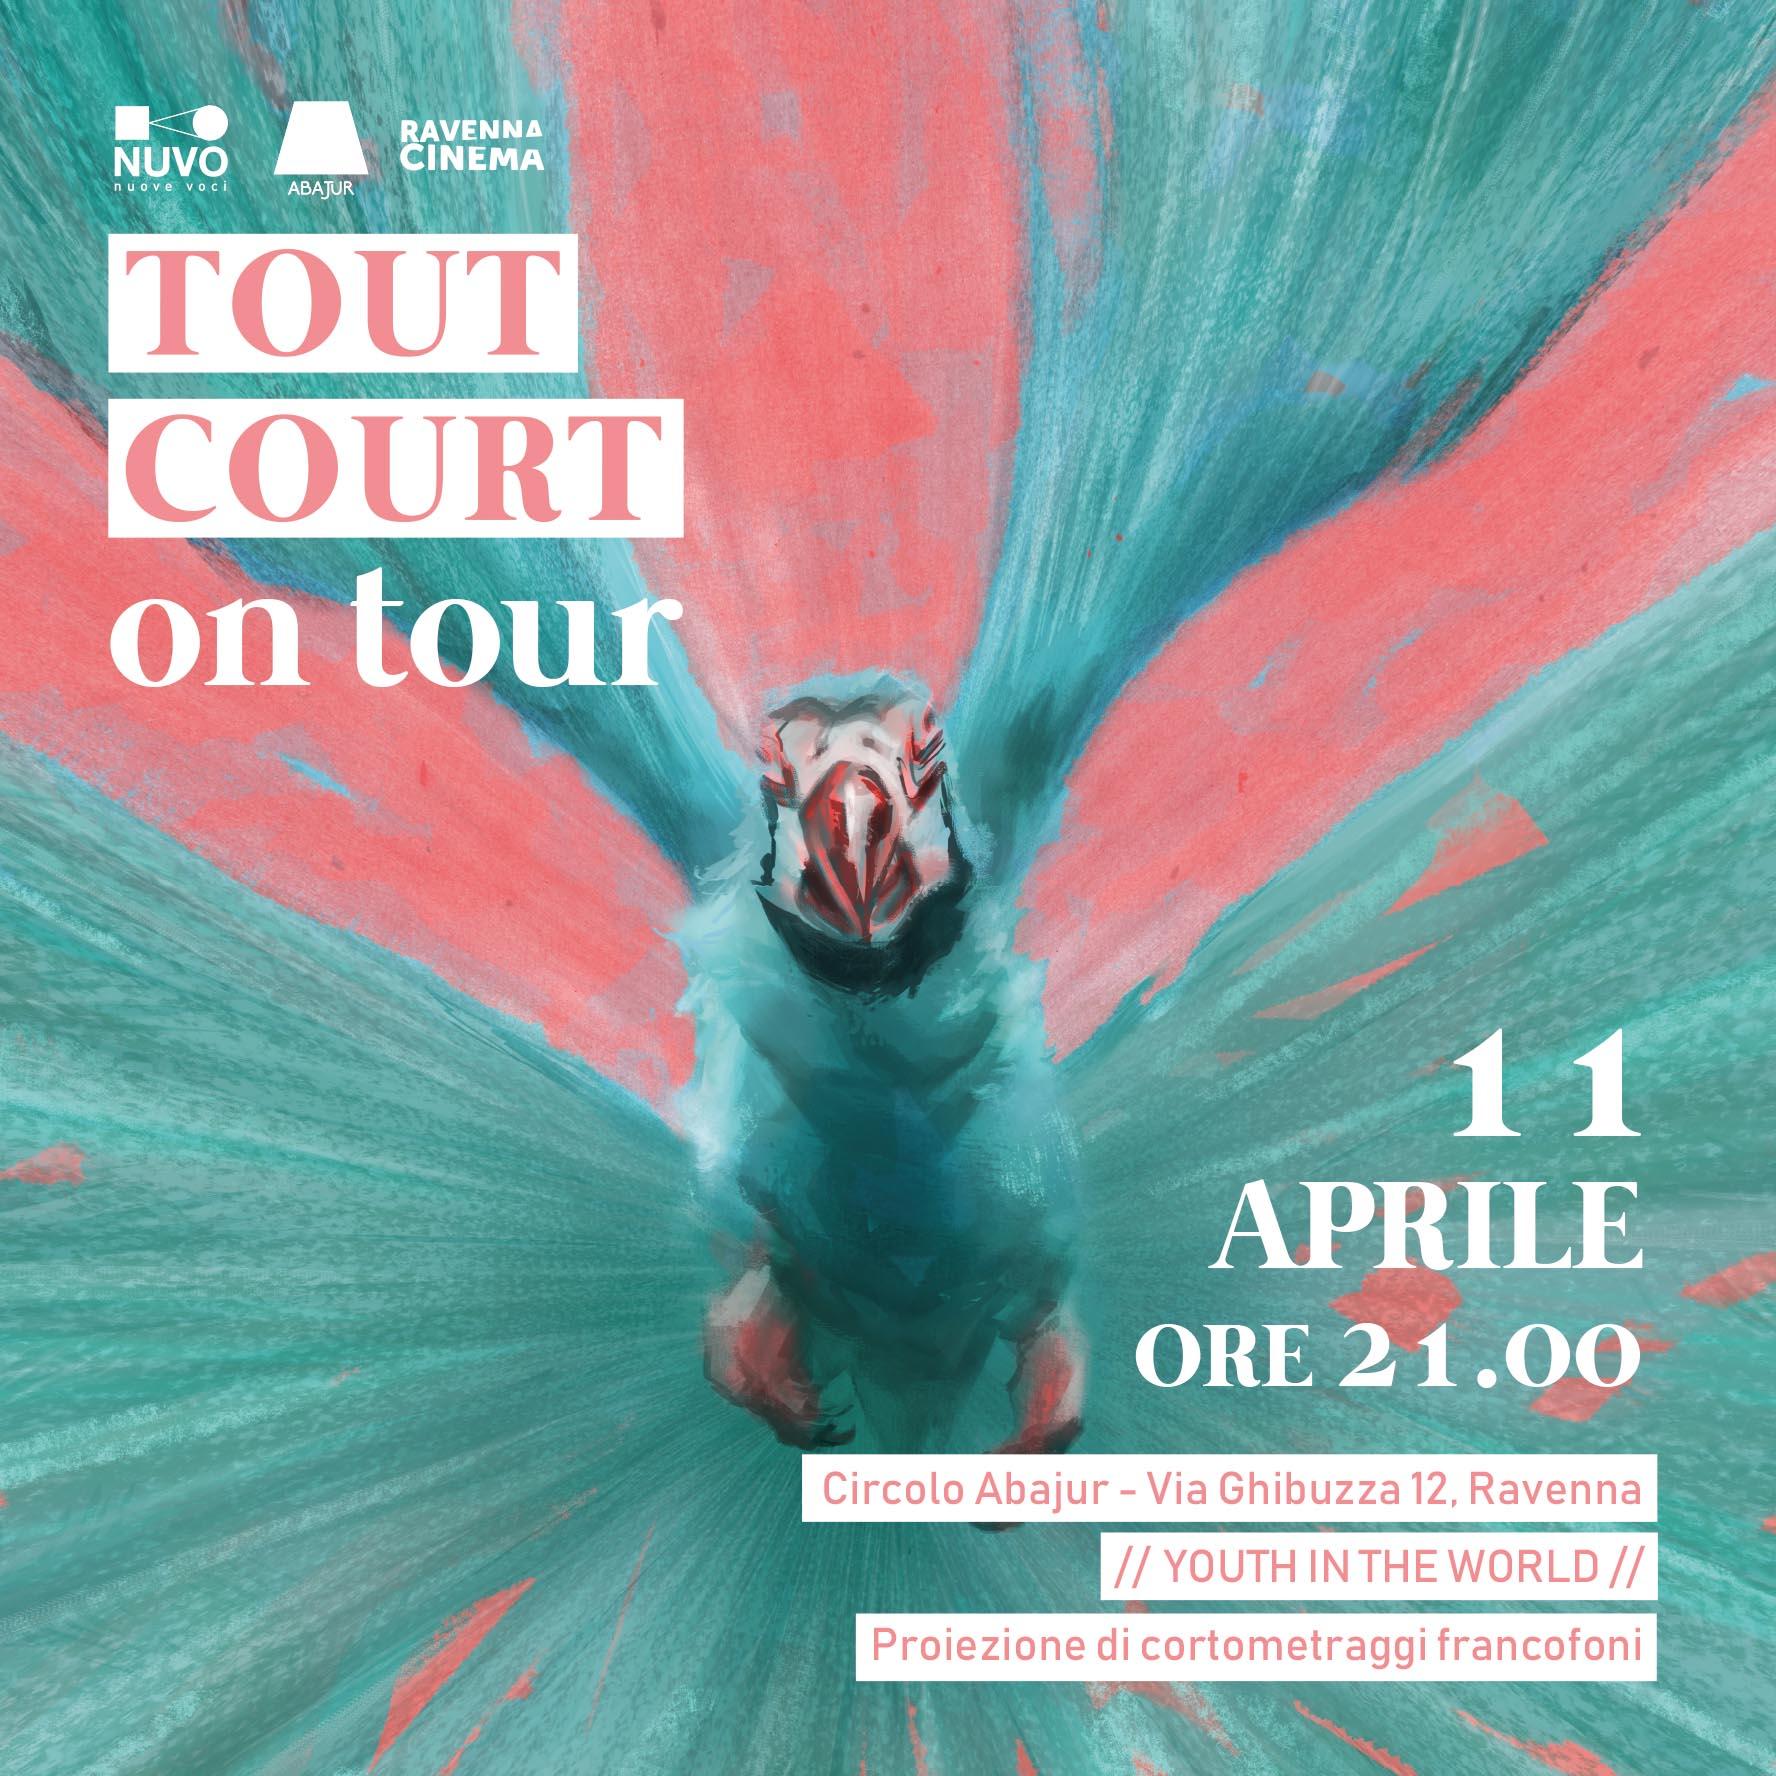 TOUT COURT on tour